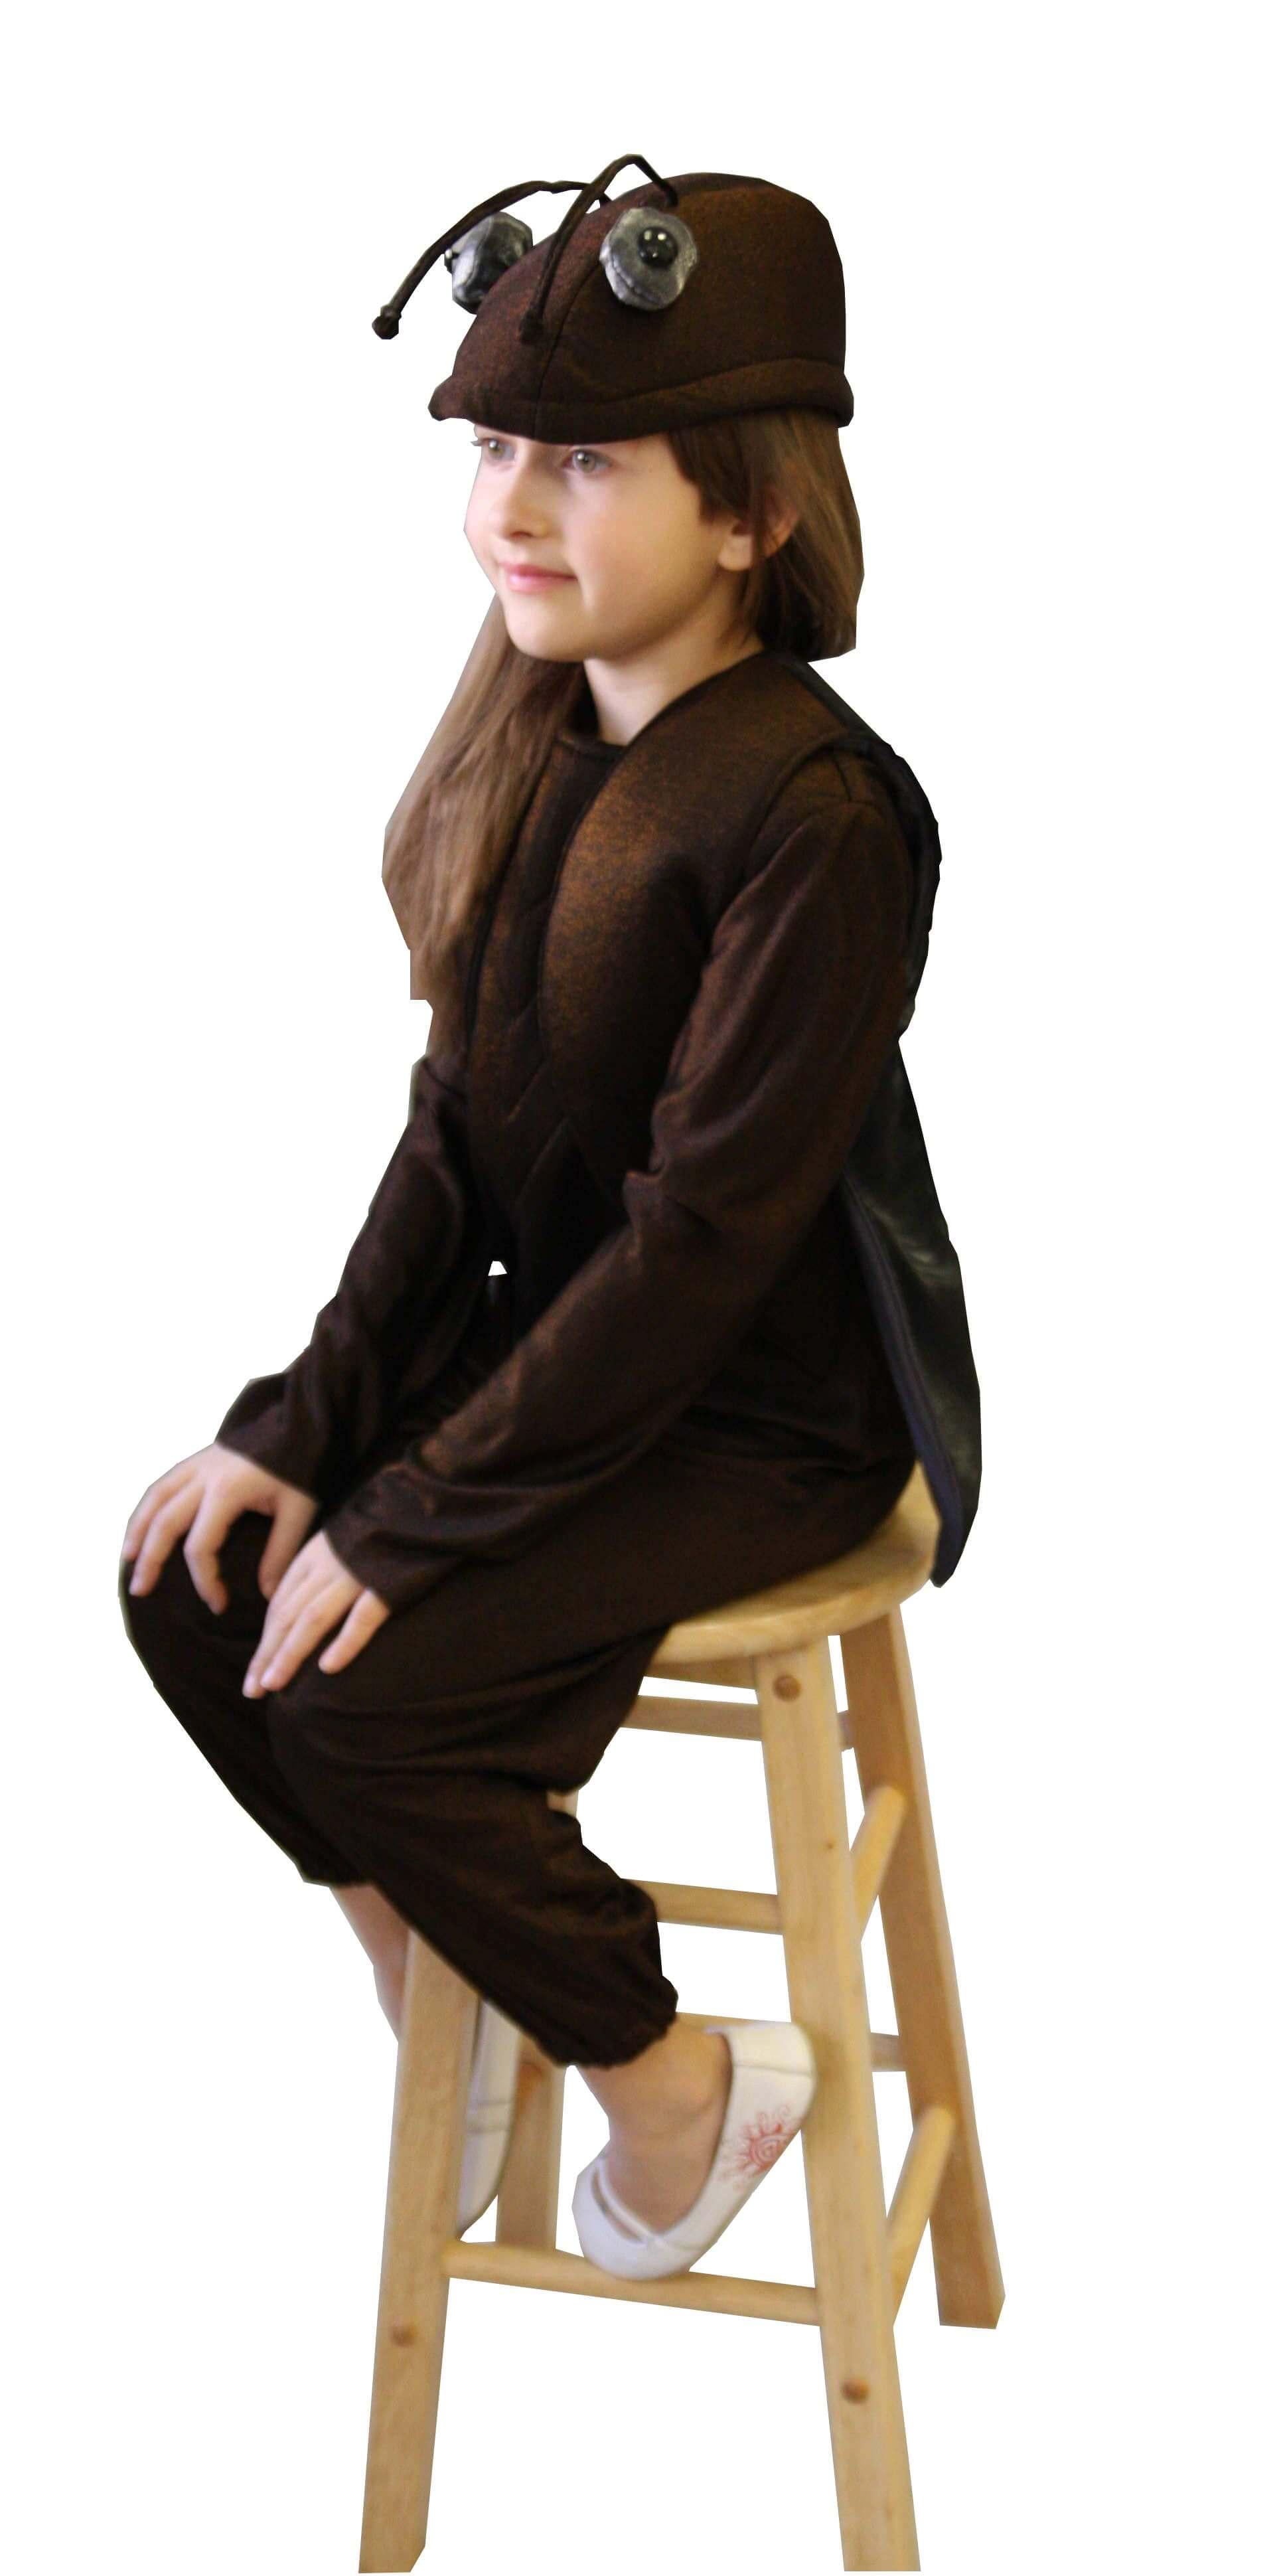 Vabaliuko-skruzdeliuko kostiumas. Kaina 13 Eur.